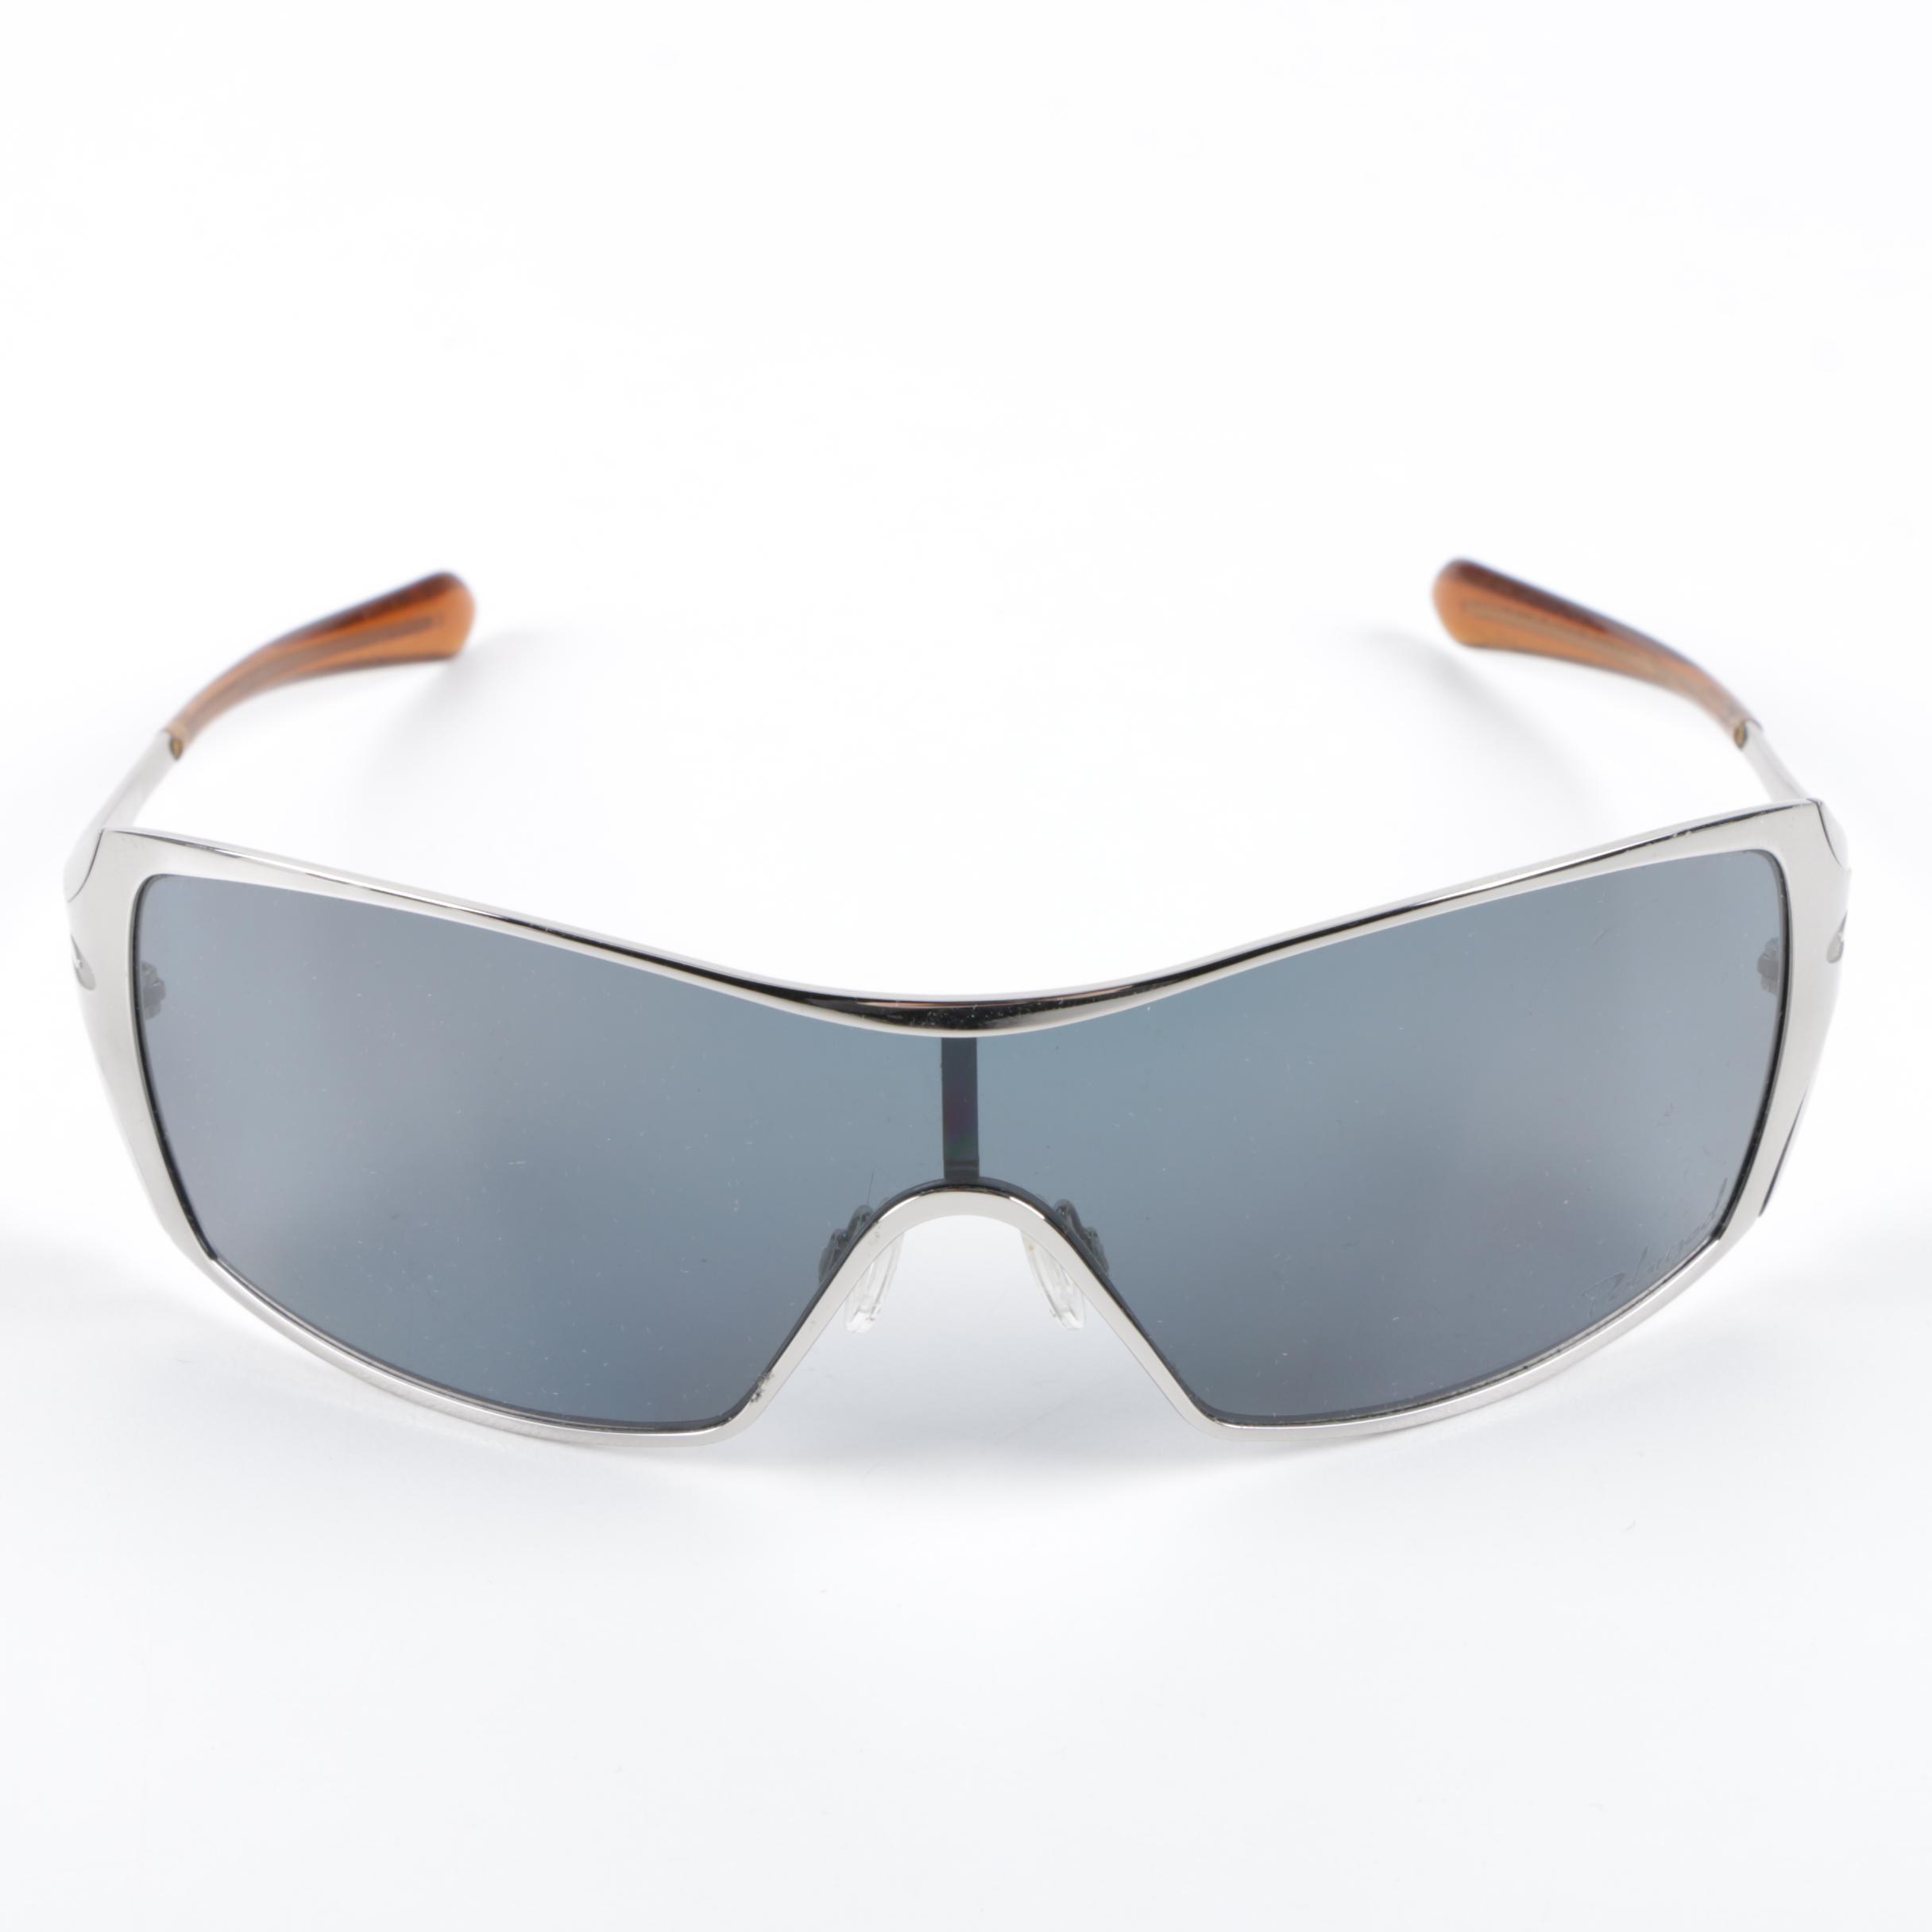 Oakley Dart Shield Sunglasses with Case